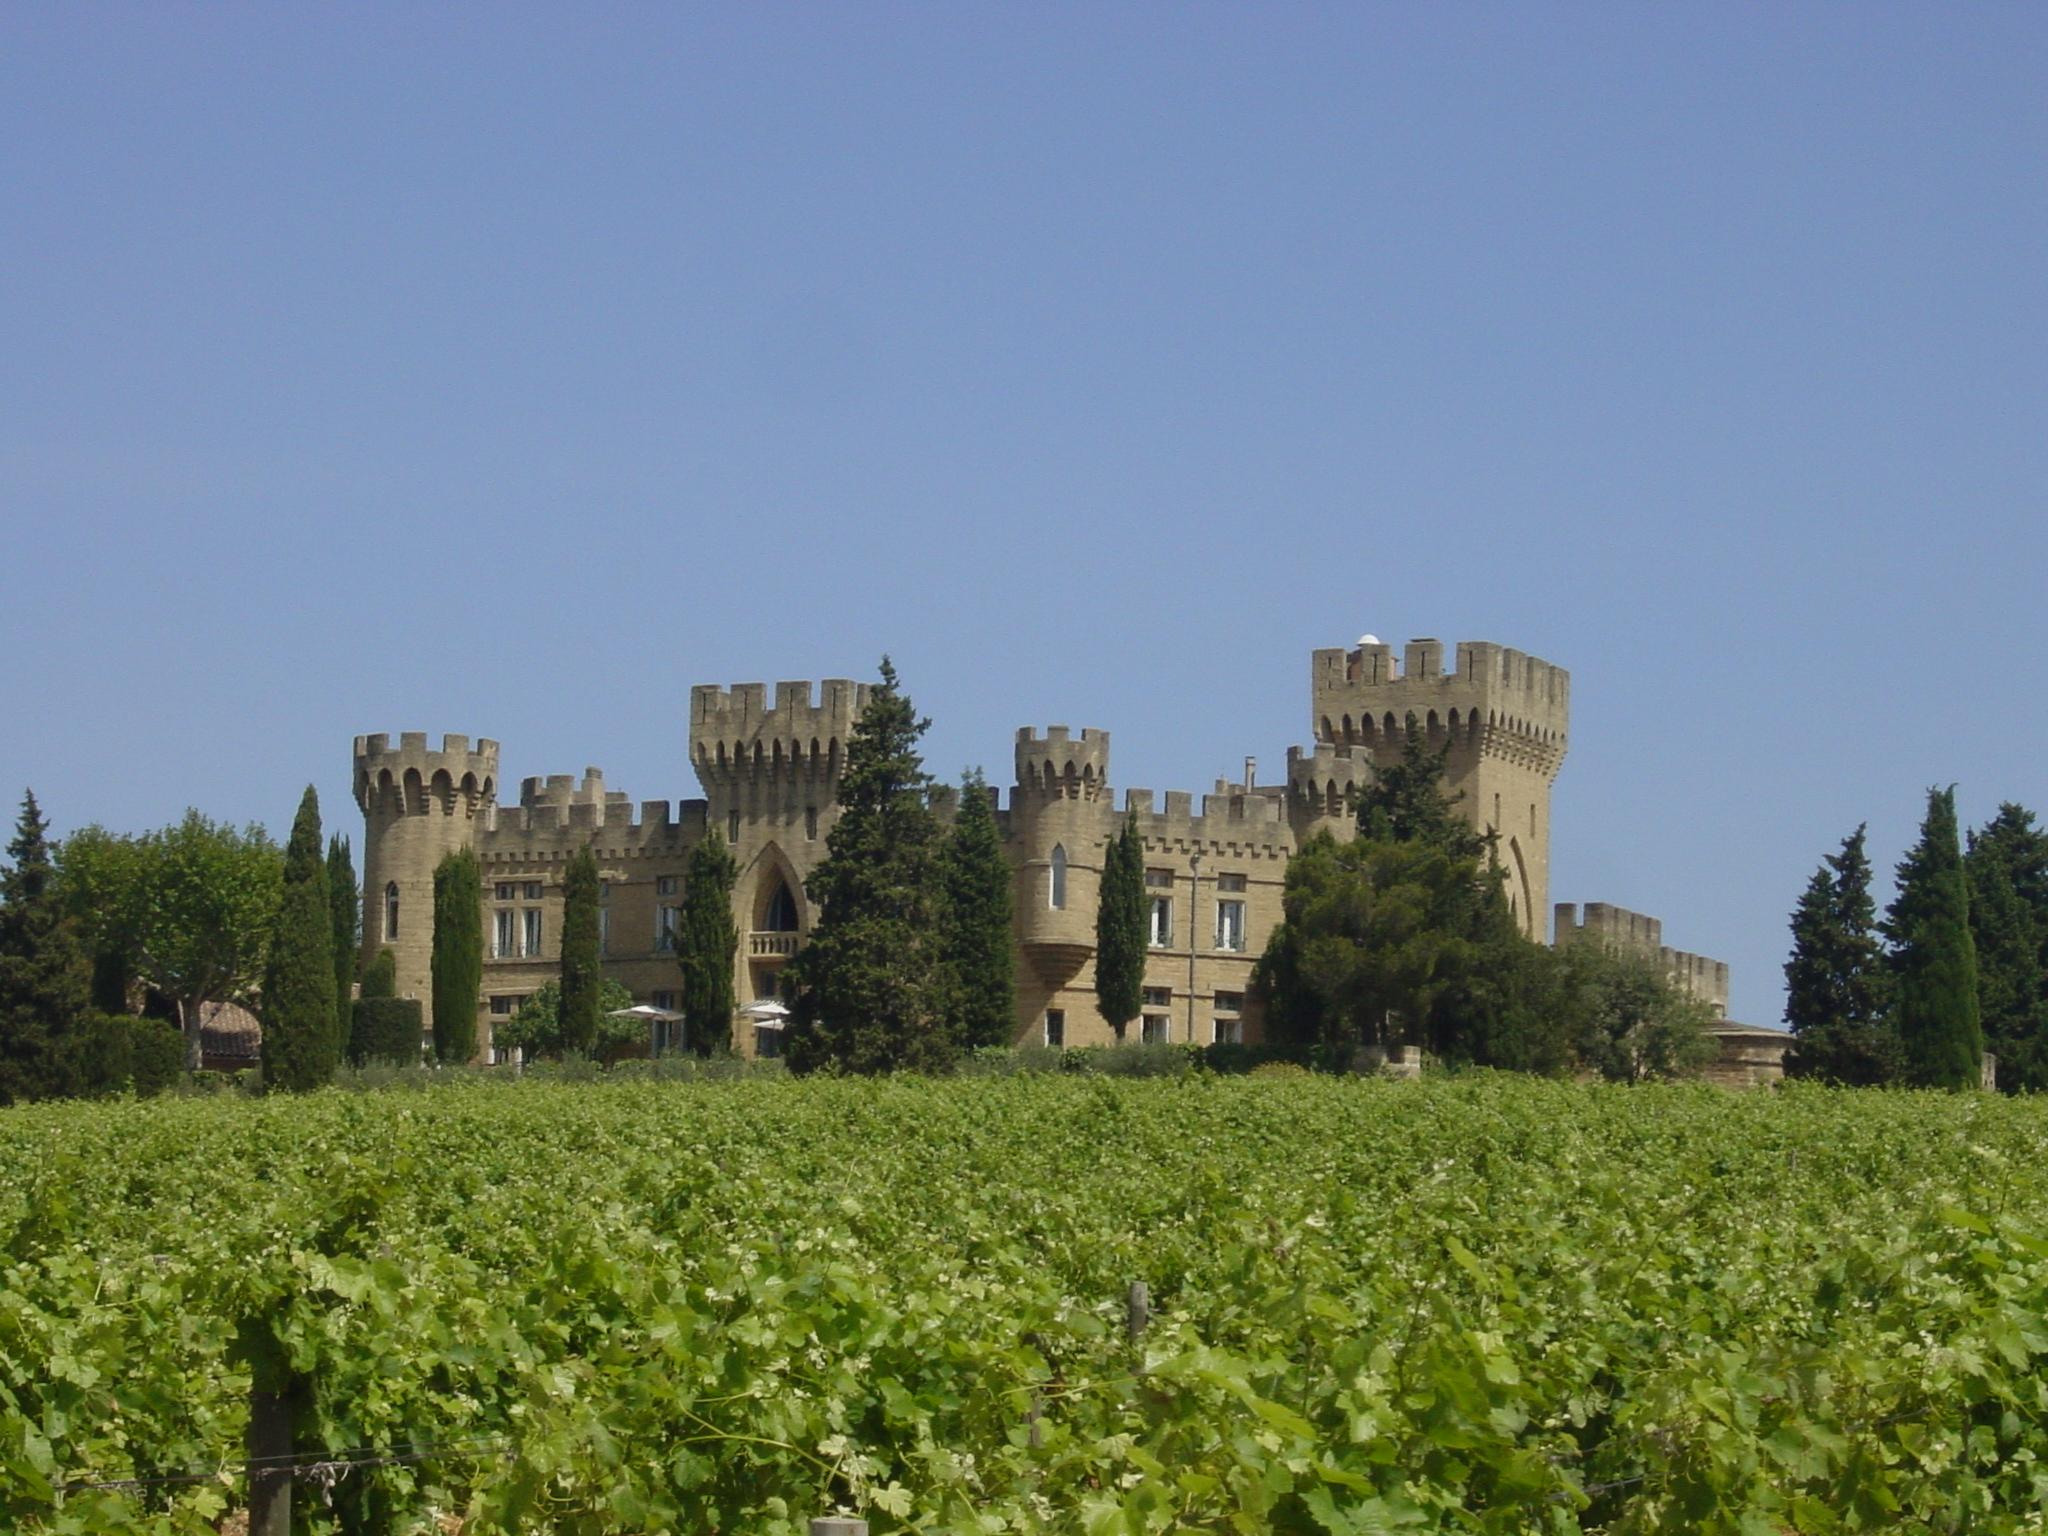 Château et vignoble dans le Vaucluse en Provence